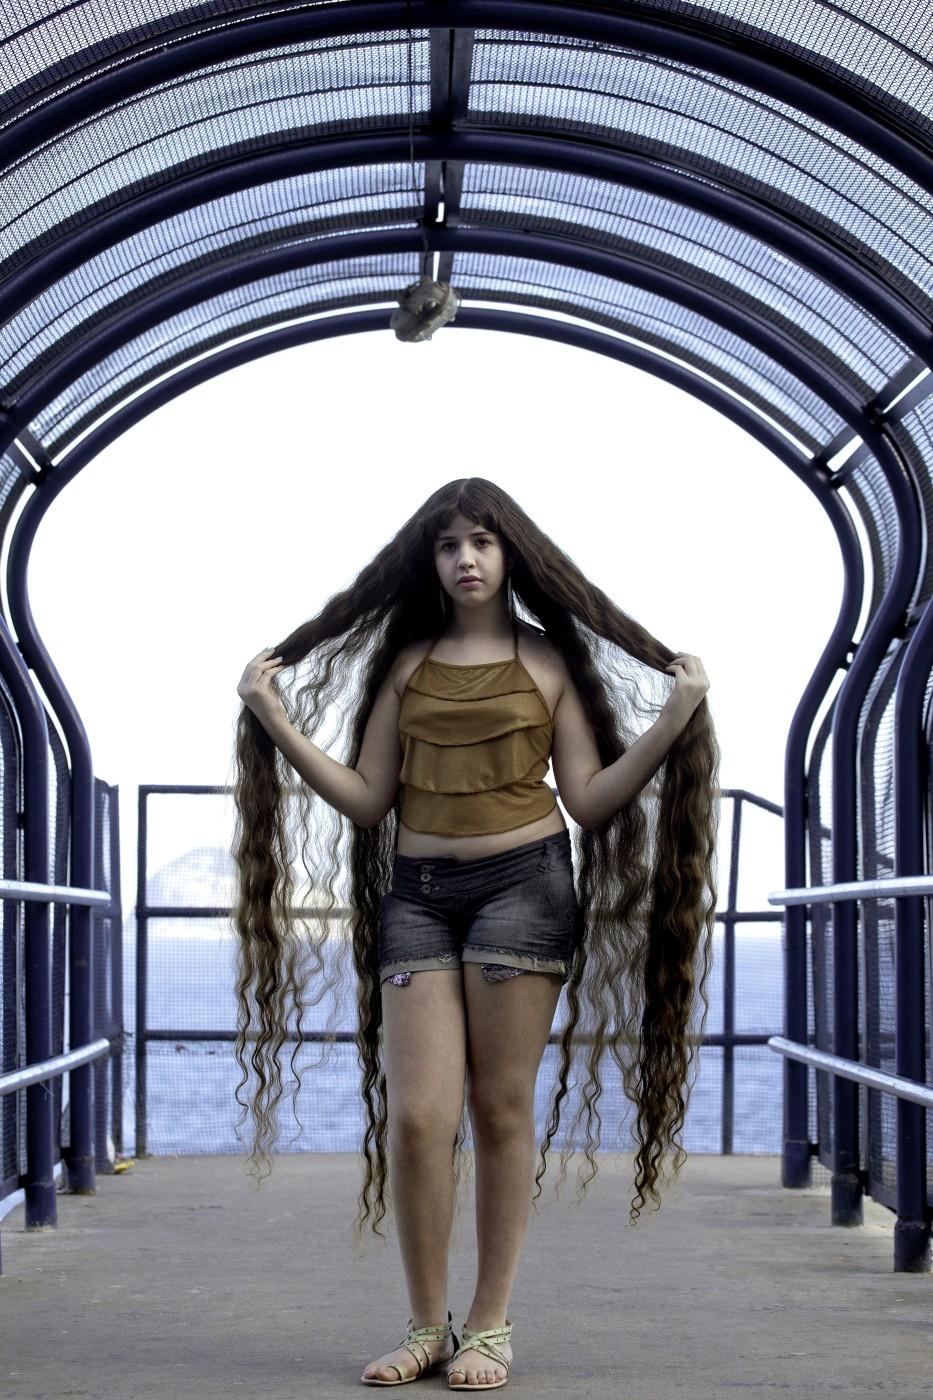 Brazil 2 12 летняя Рапунцель из Бразилии продаст косу, чтобы сделать ремонт в квартире